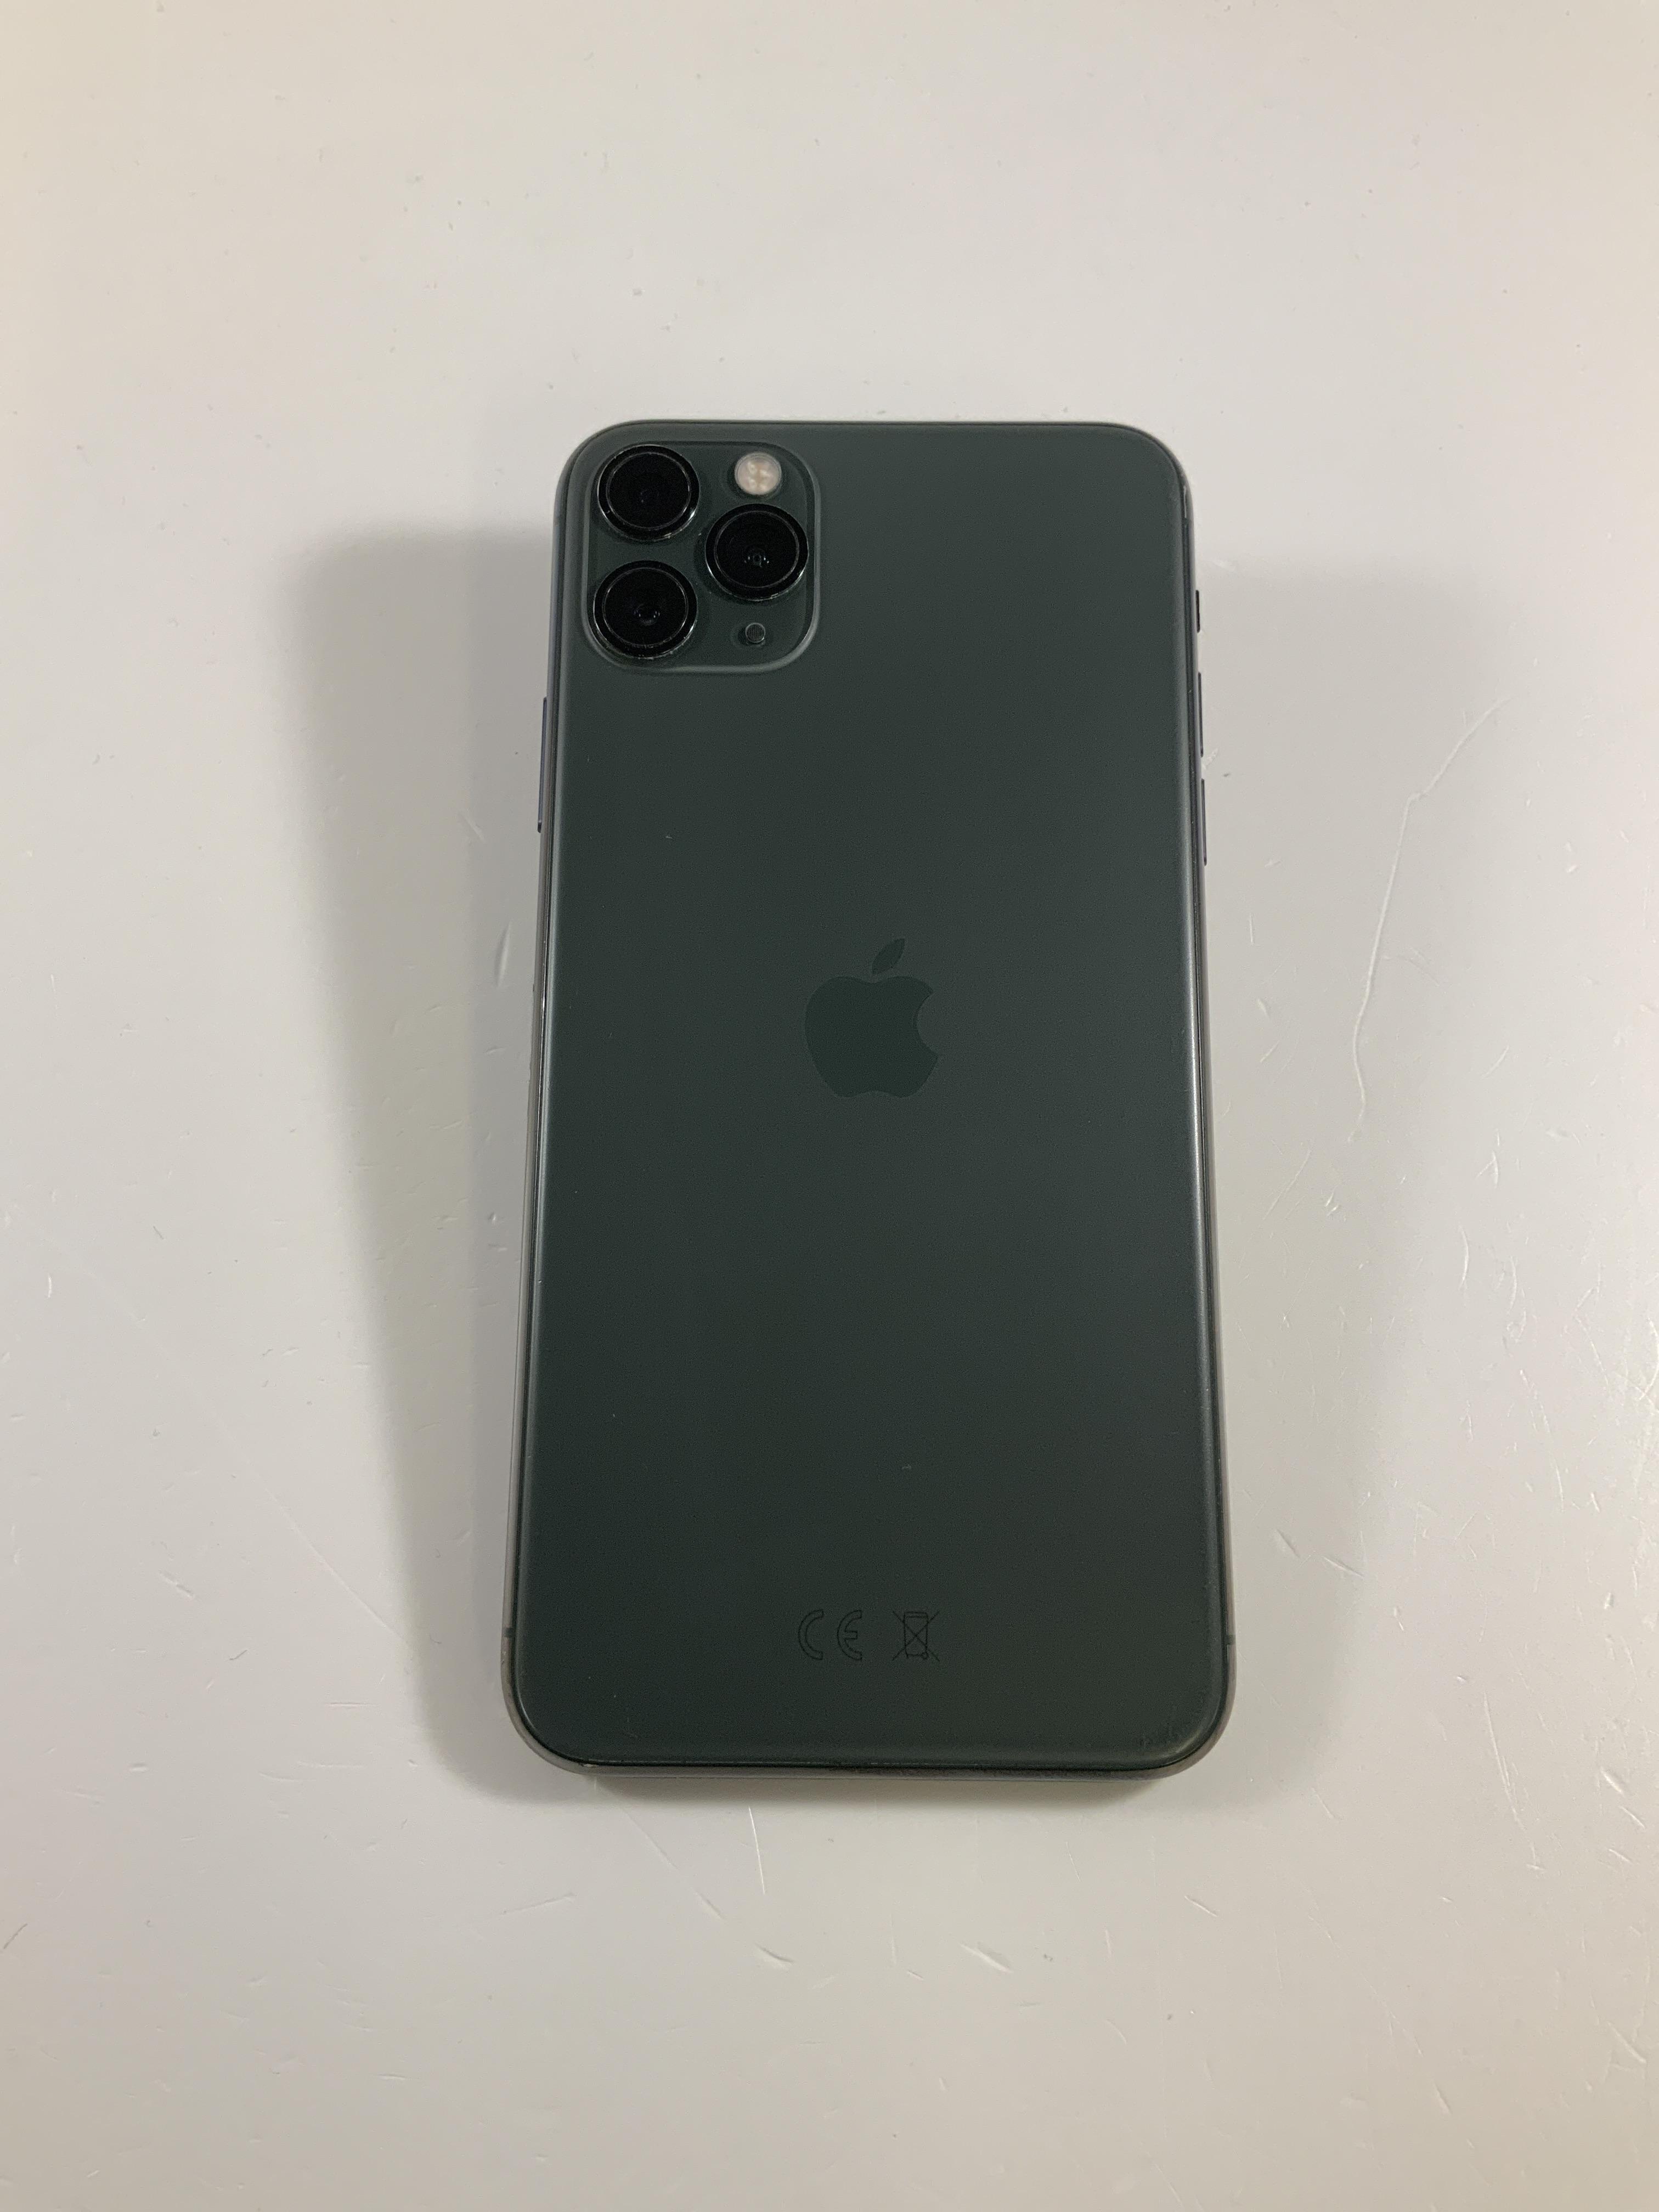 iPhone 11 Pro Max 256GB, 256GB, Midnight Green, bild 2